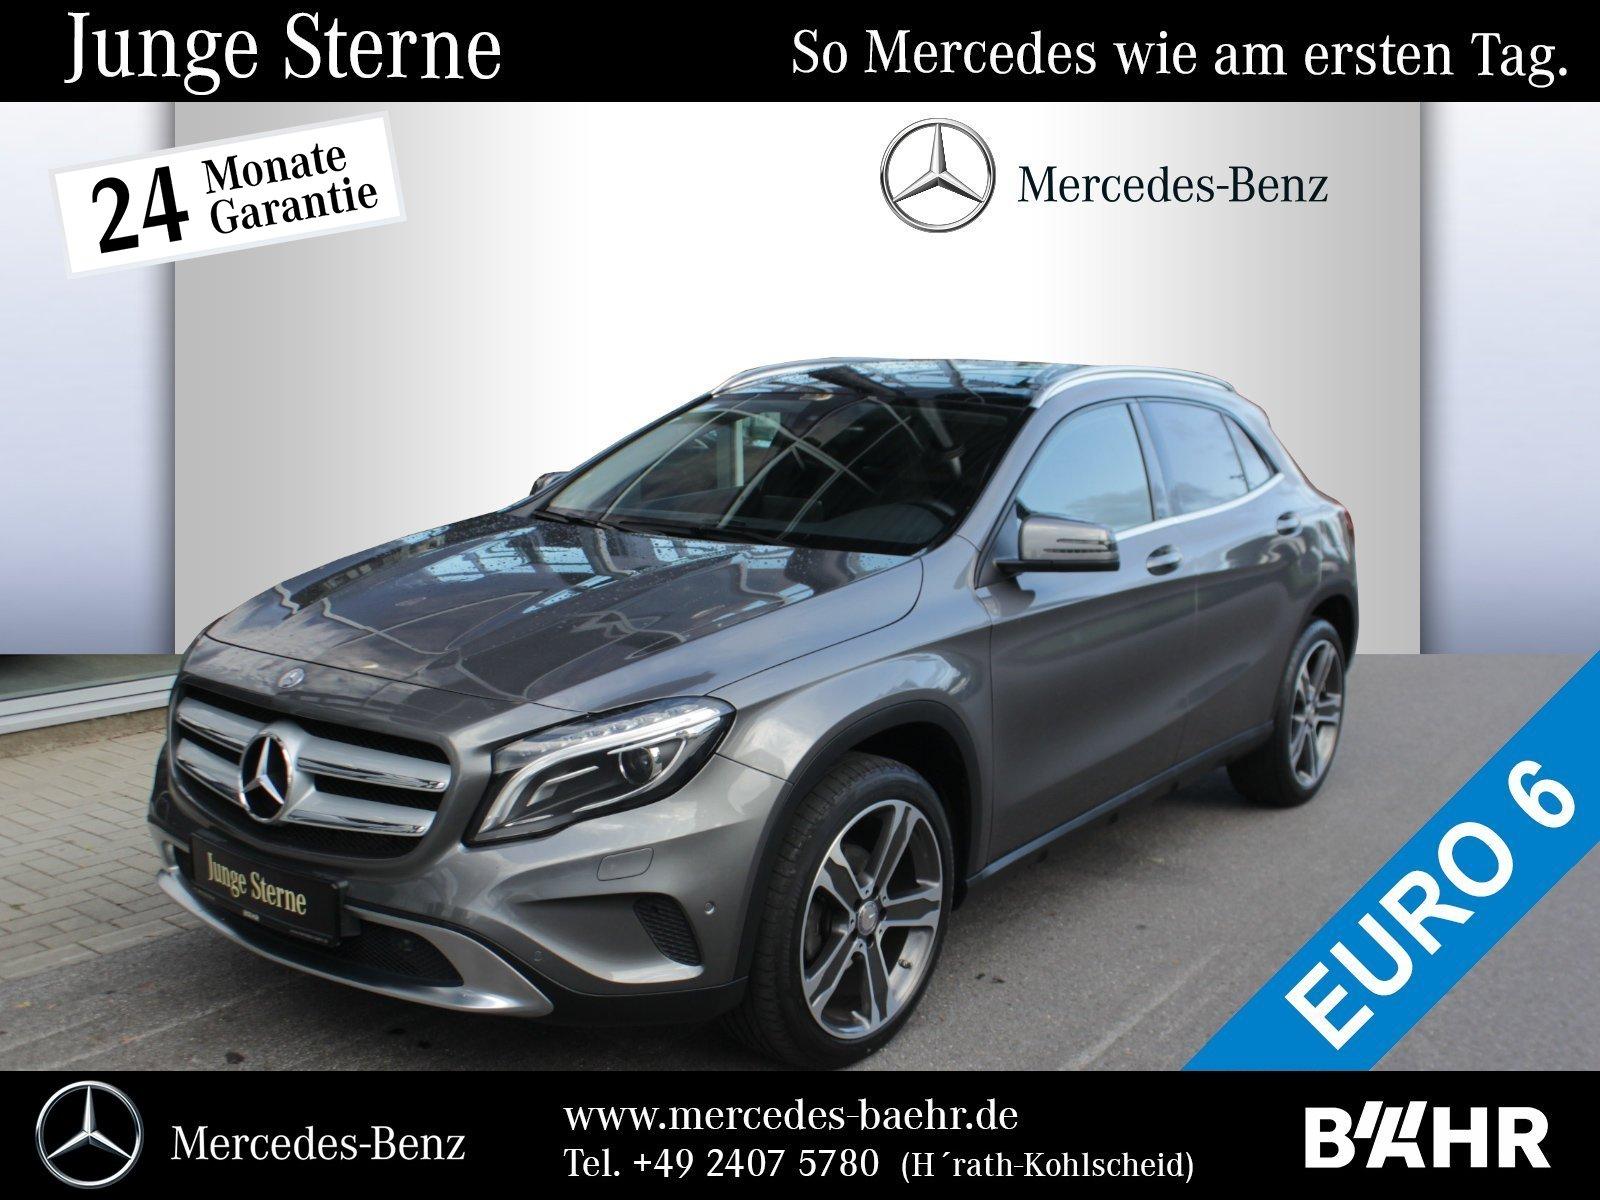 Mercedes-Benz GLA 220 d 4M Urban/Navi/Bi-Xenon/AHK/Pano/RFK, Jahr 2016, Diesel